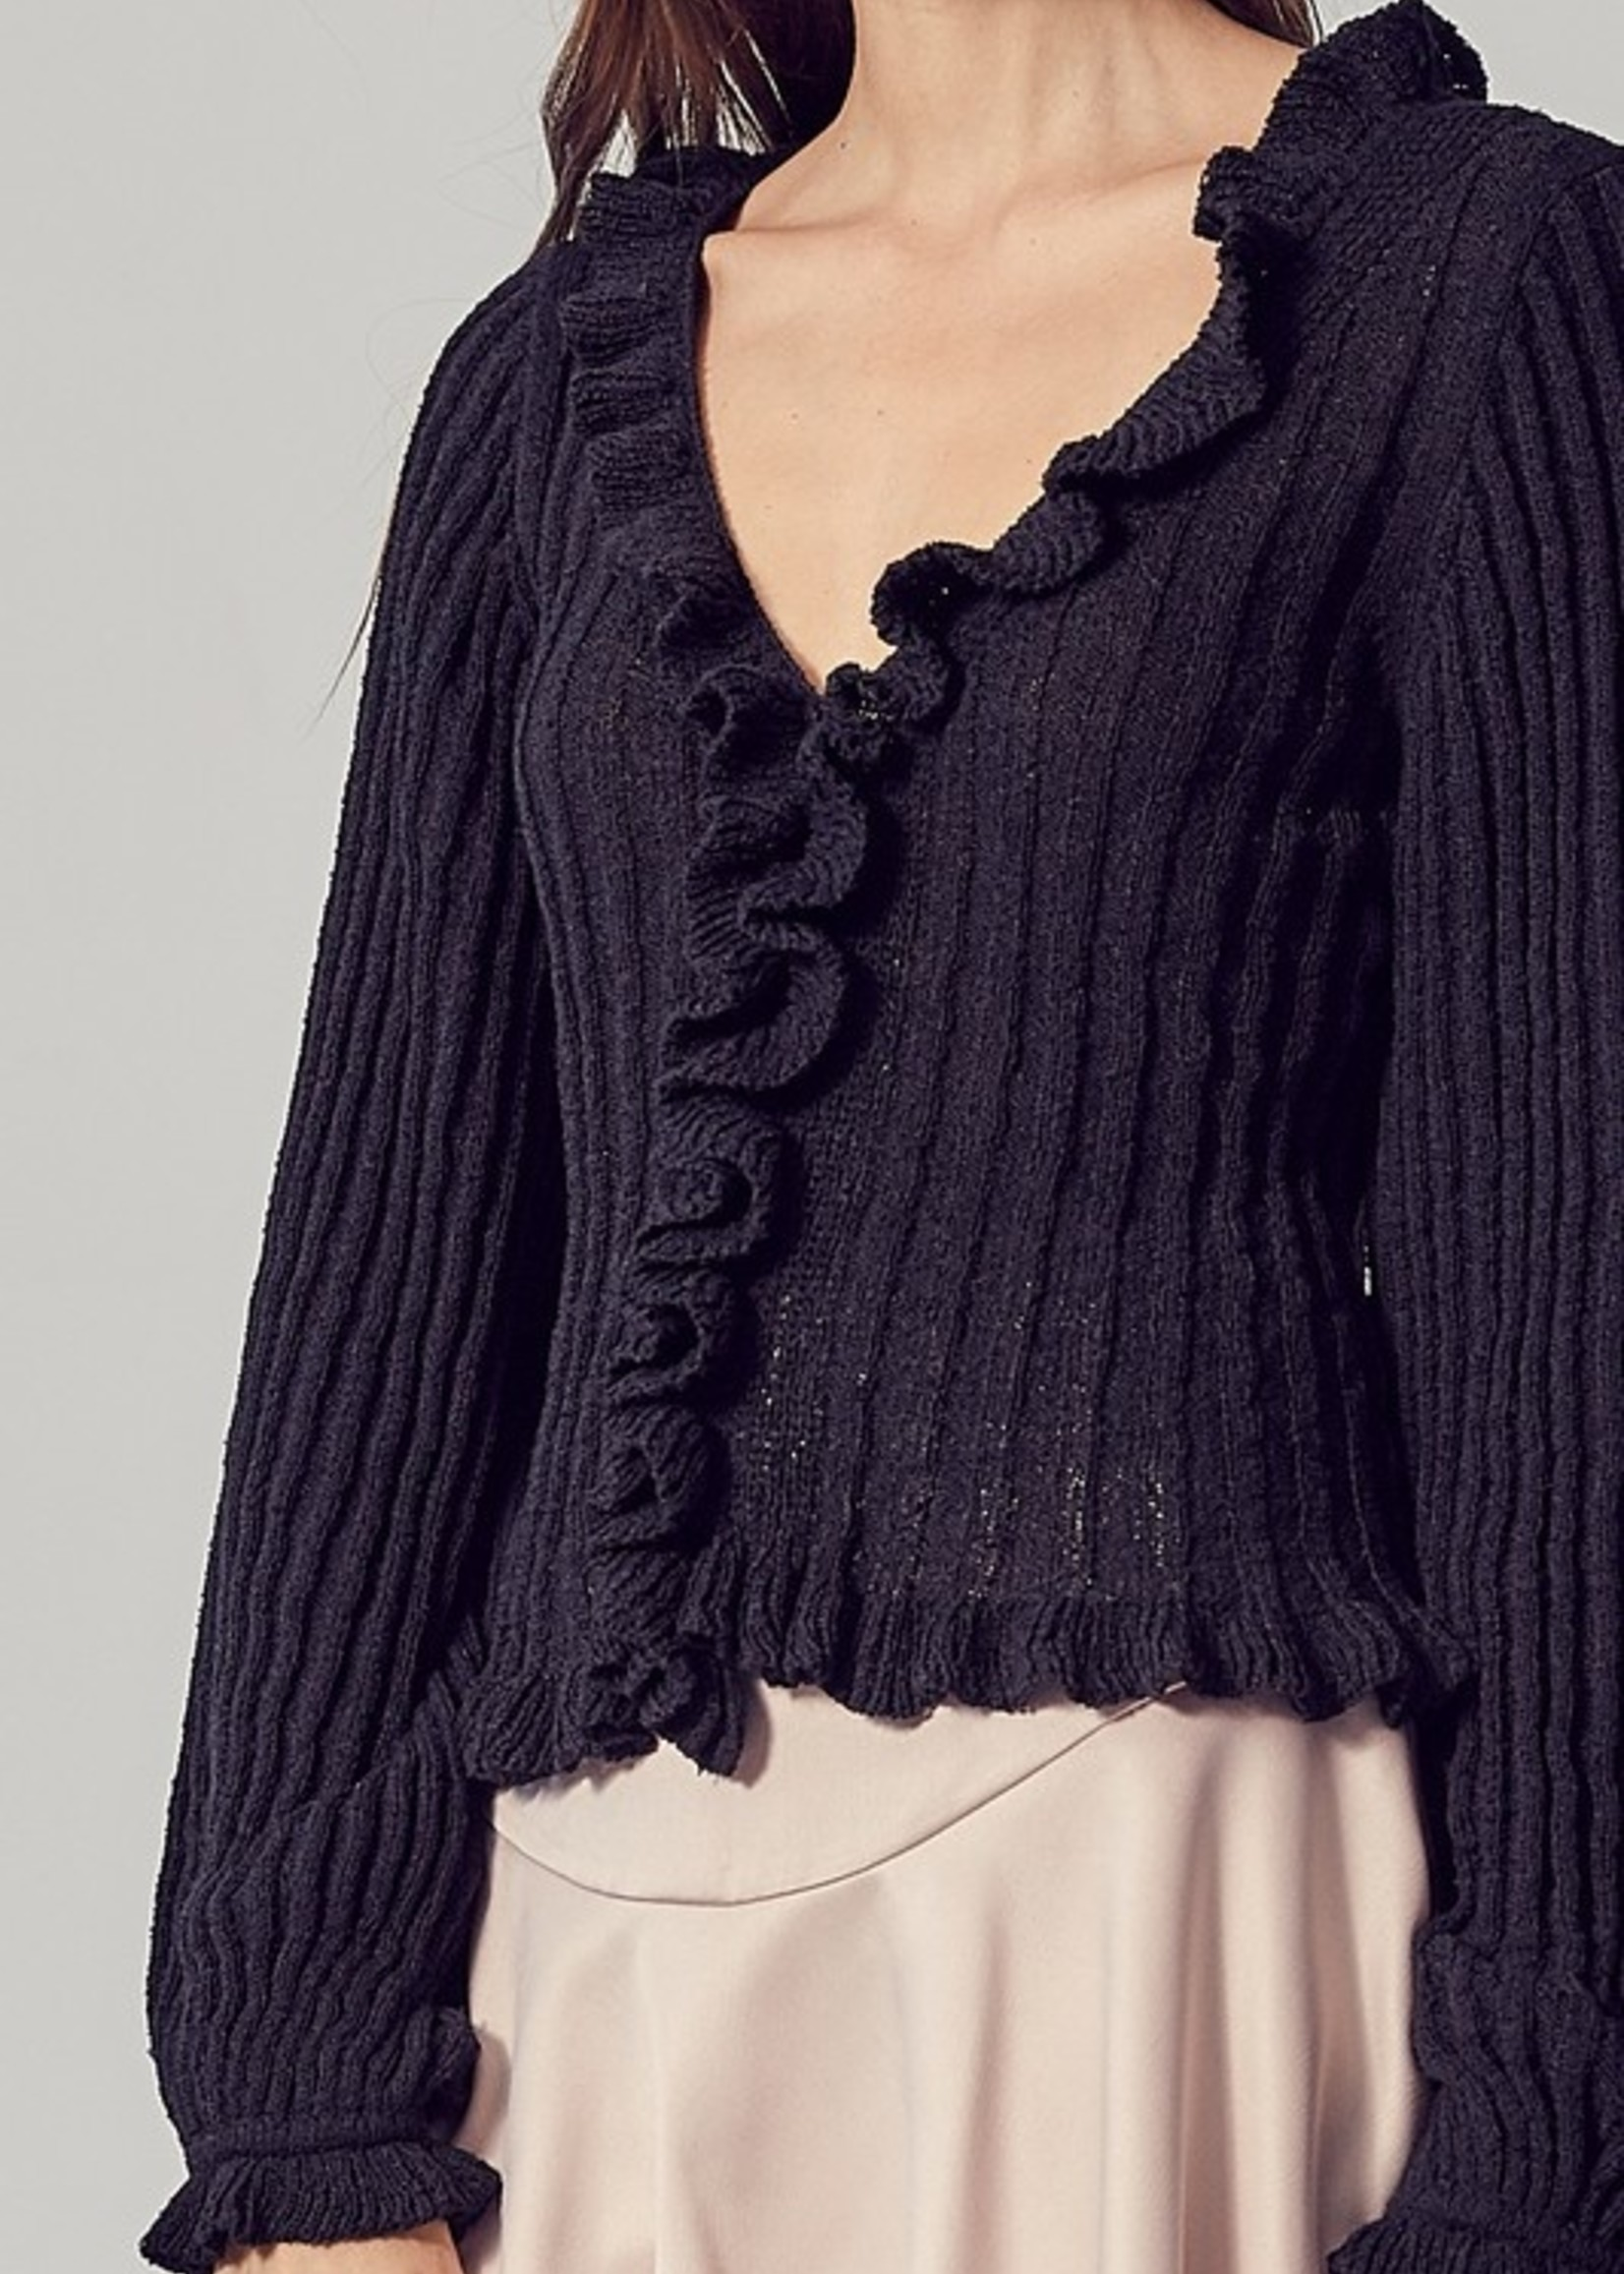 Ruffle knit top